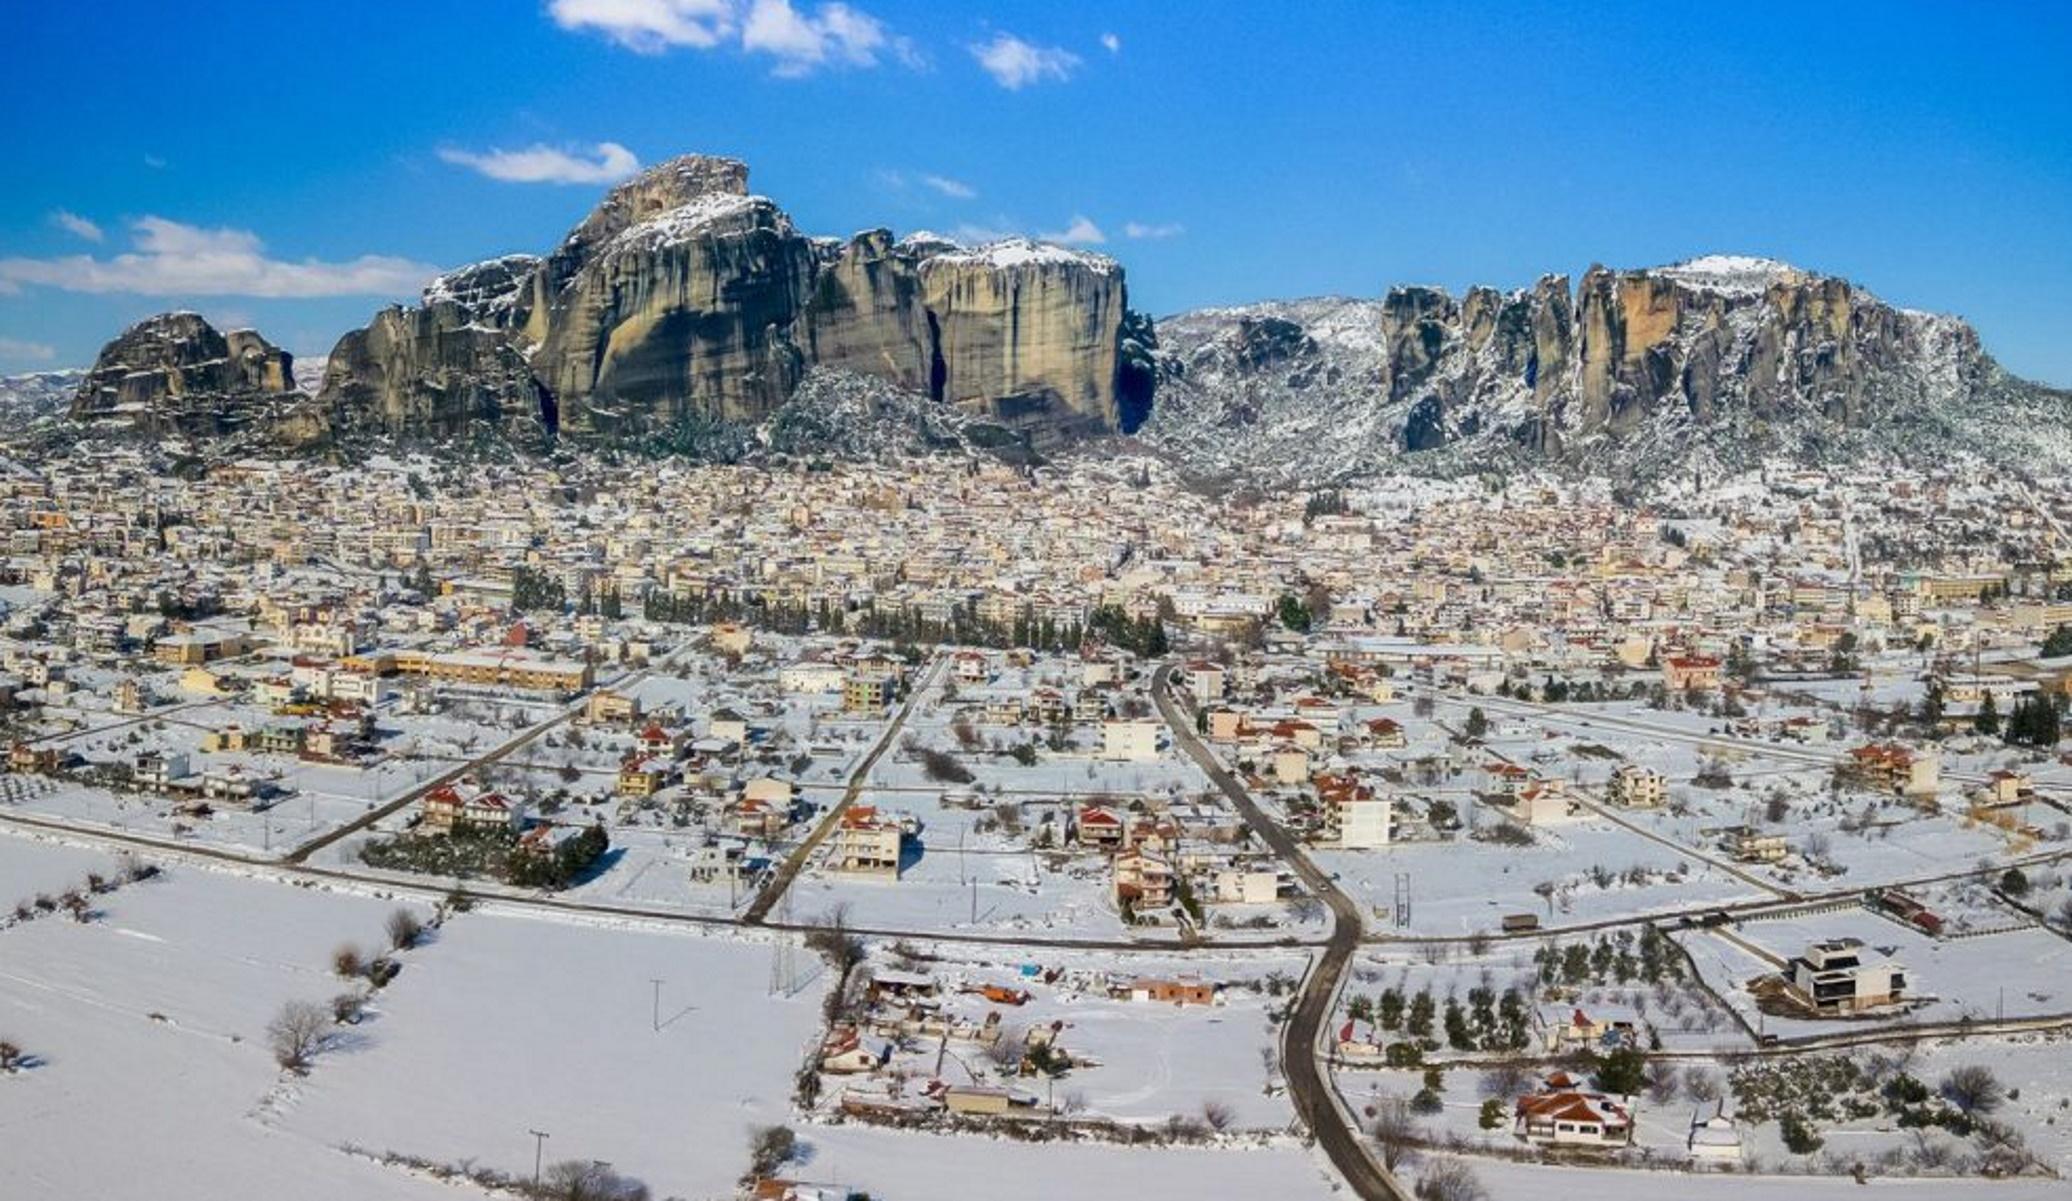 Καιρός – Τρίκαλα: Πλάνα ζωγραφιά από τον χιονισμένο κάμπο μέχρι τα Μετέωρα (pics, video)